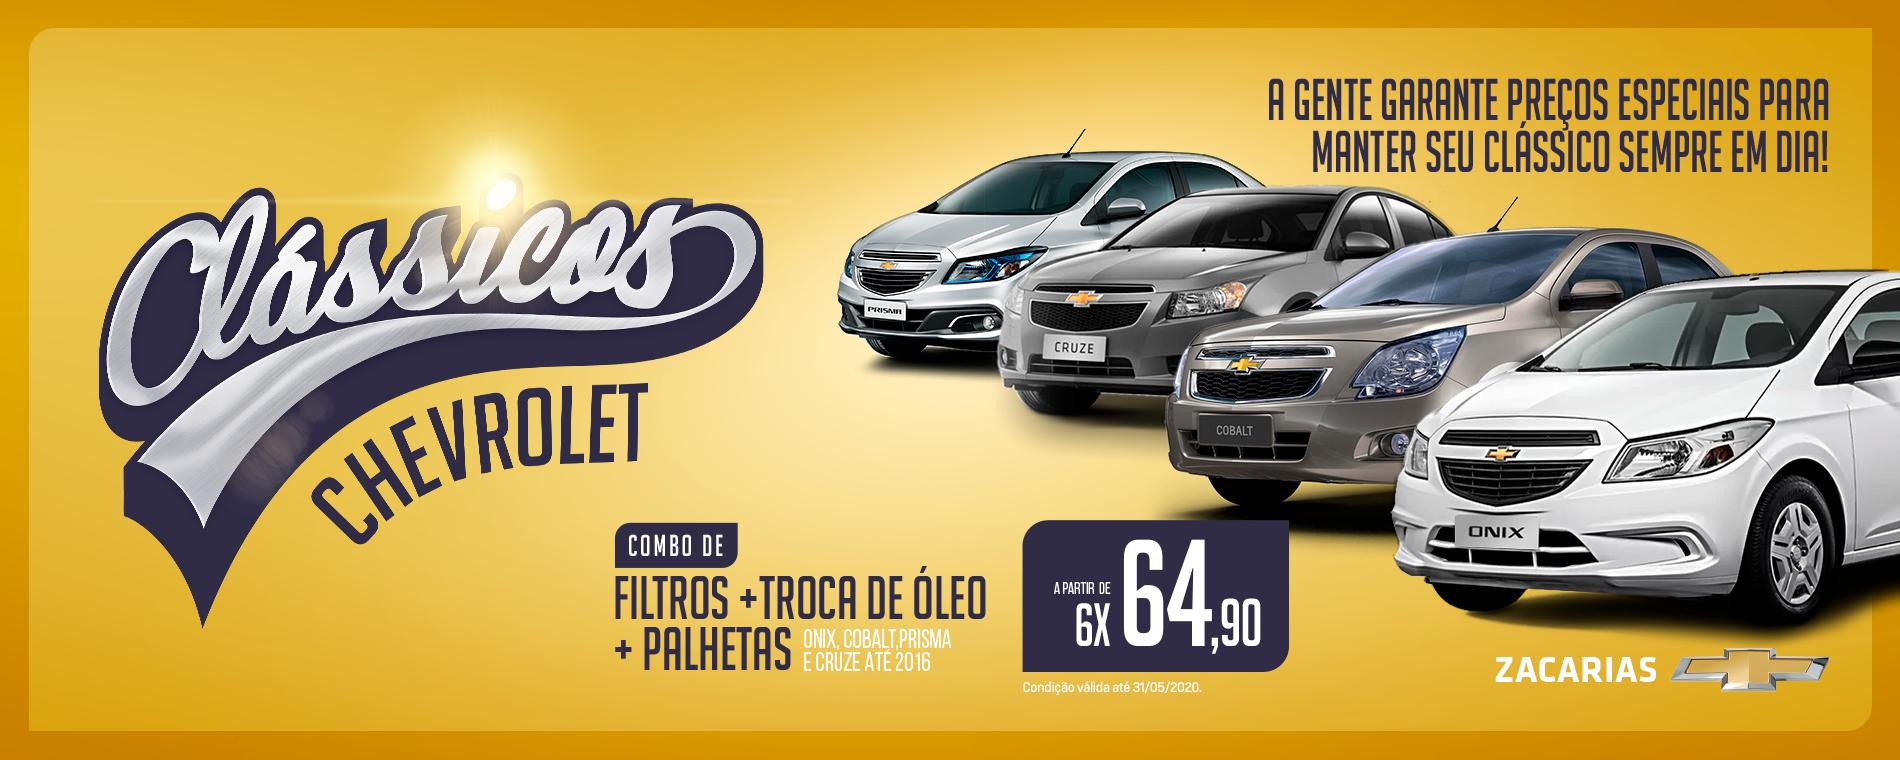 Classicos-Chevrolet